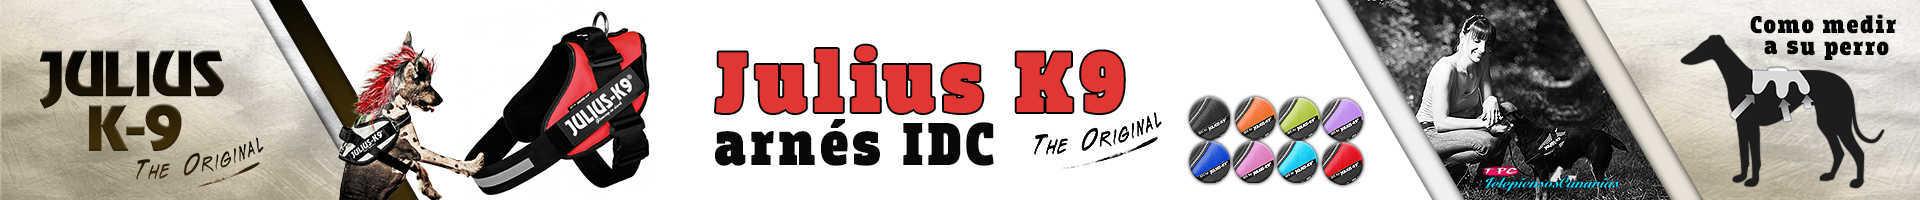 Julius-K9 arnés idc color rojo, innovación y comodidad